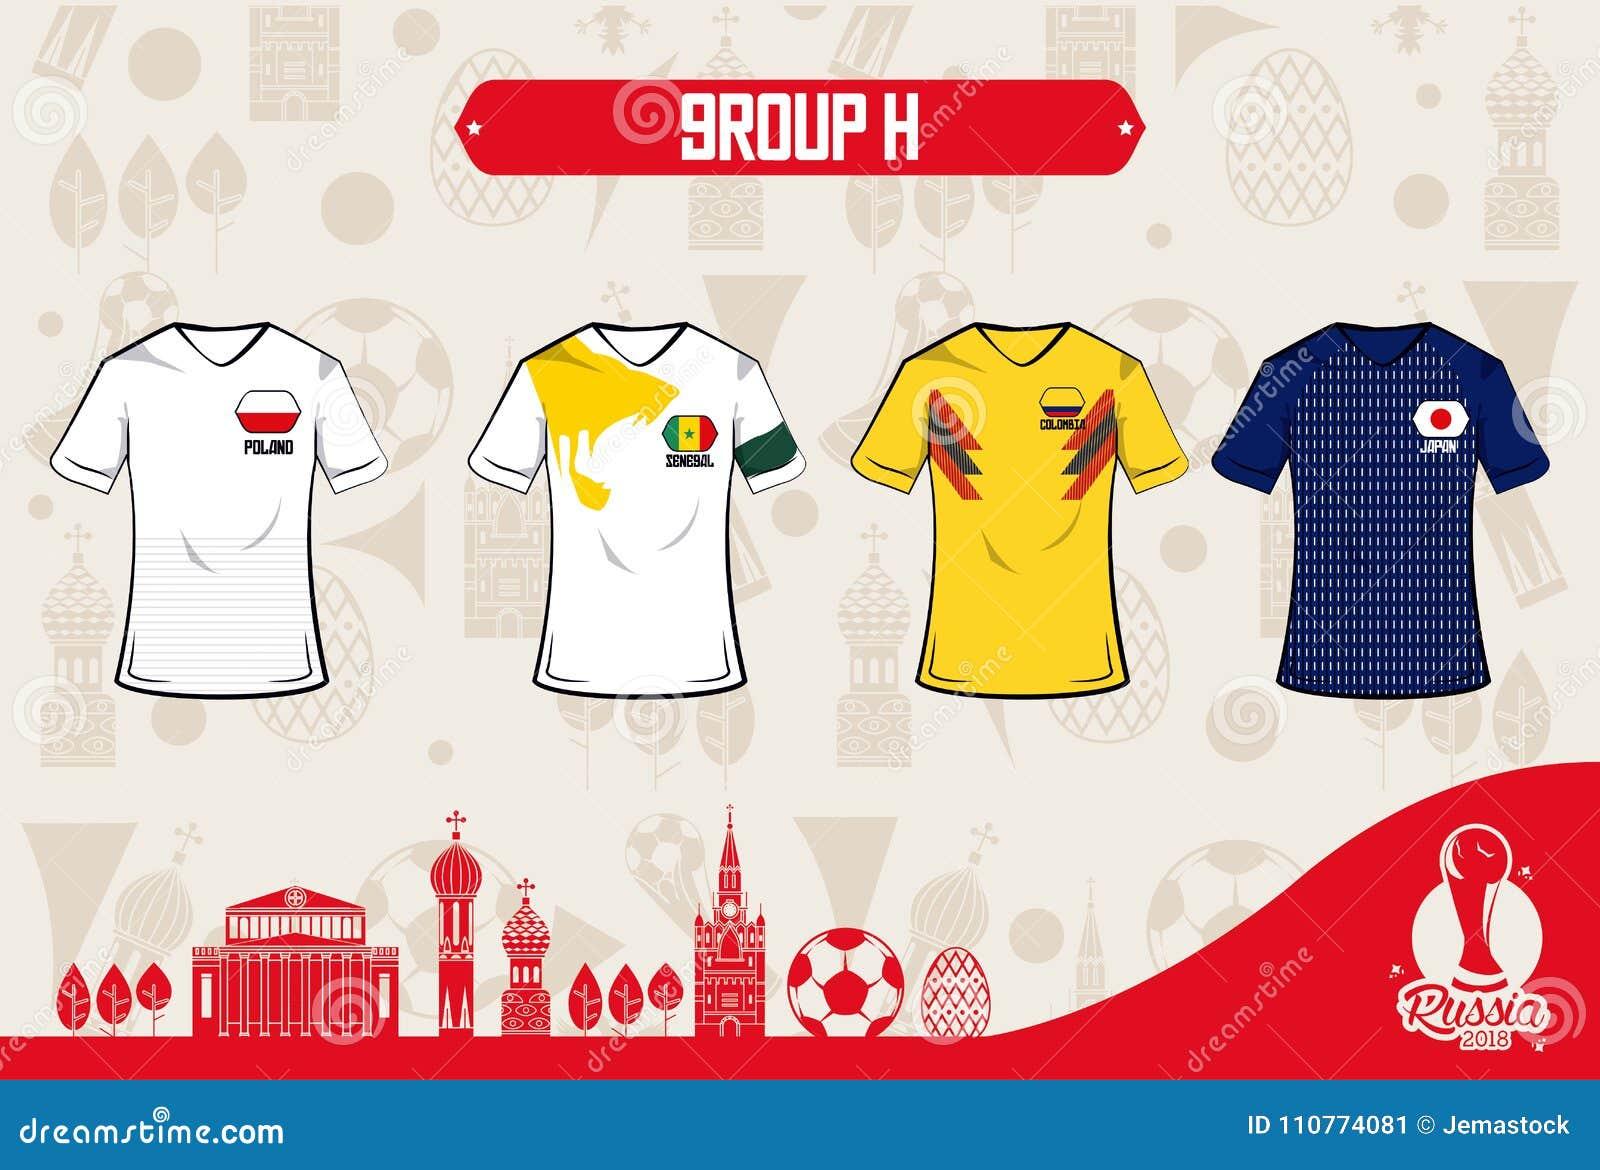 Football Sport Wear Russia 2018 Stock Vector - Illustration of ... b6a08dda2